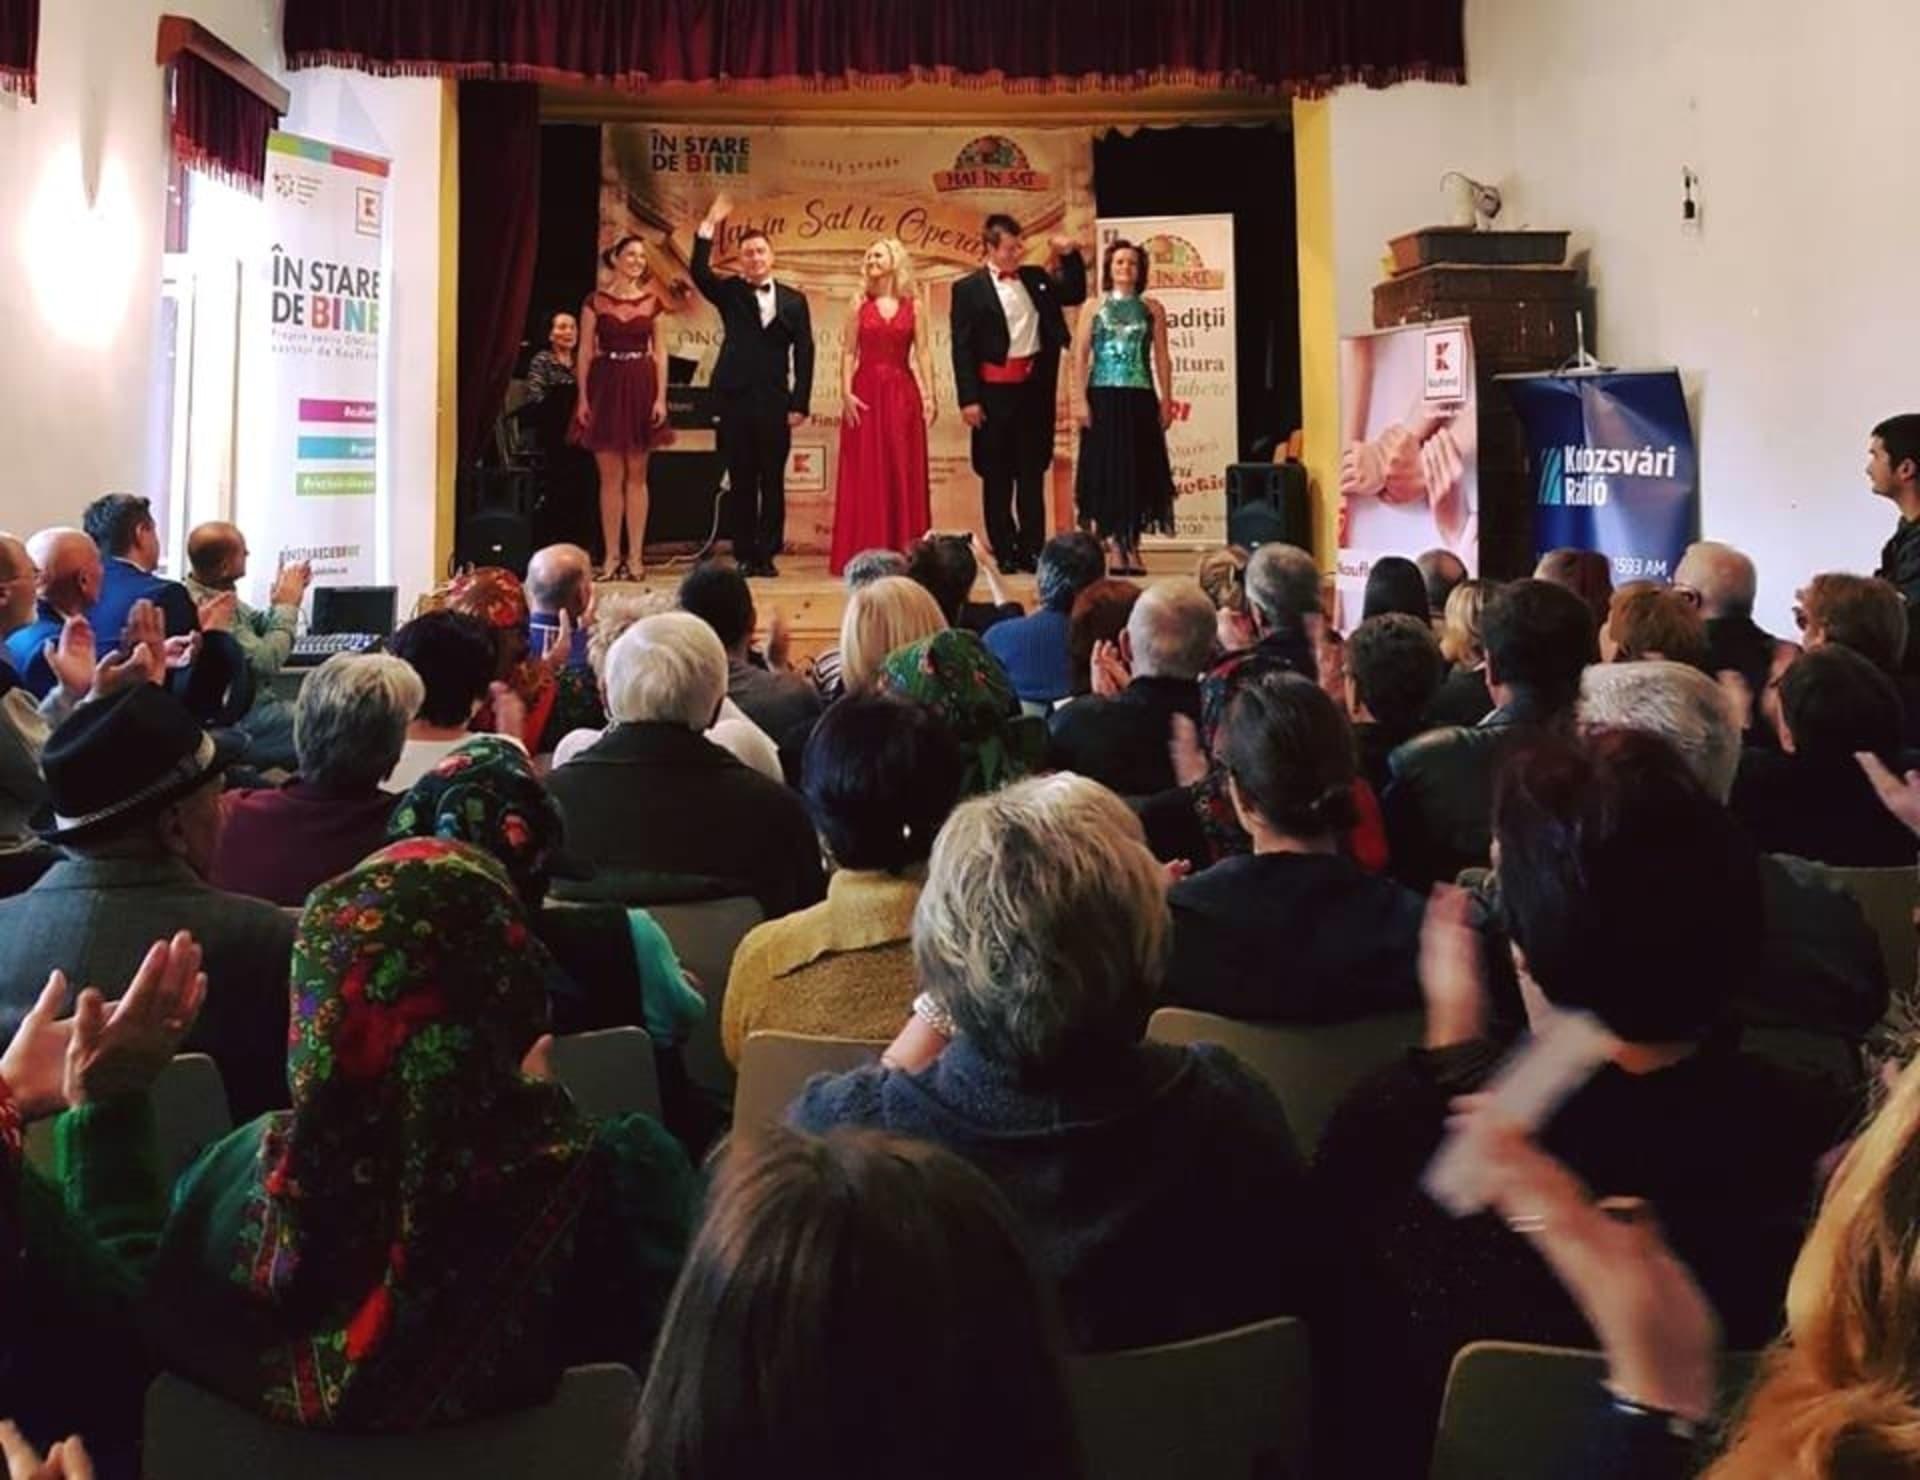 Peste 1200 de oameni din mediul rural, participanți la spectacole de operă organizate în cămine culturale în cadrul proiectului Hai în Sat la Operă!